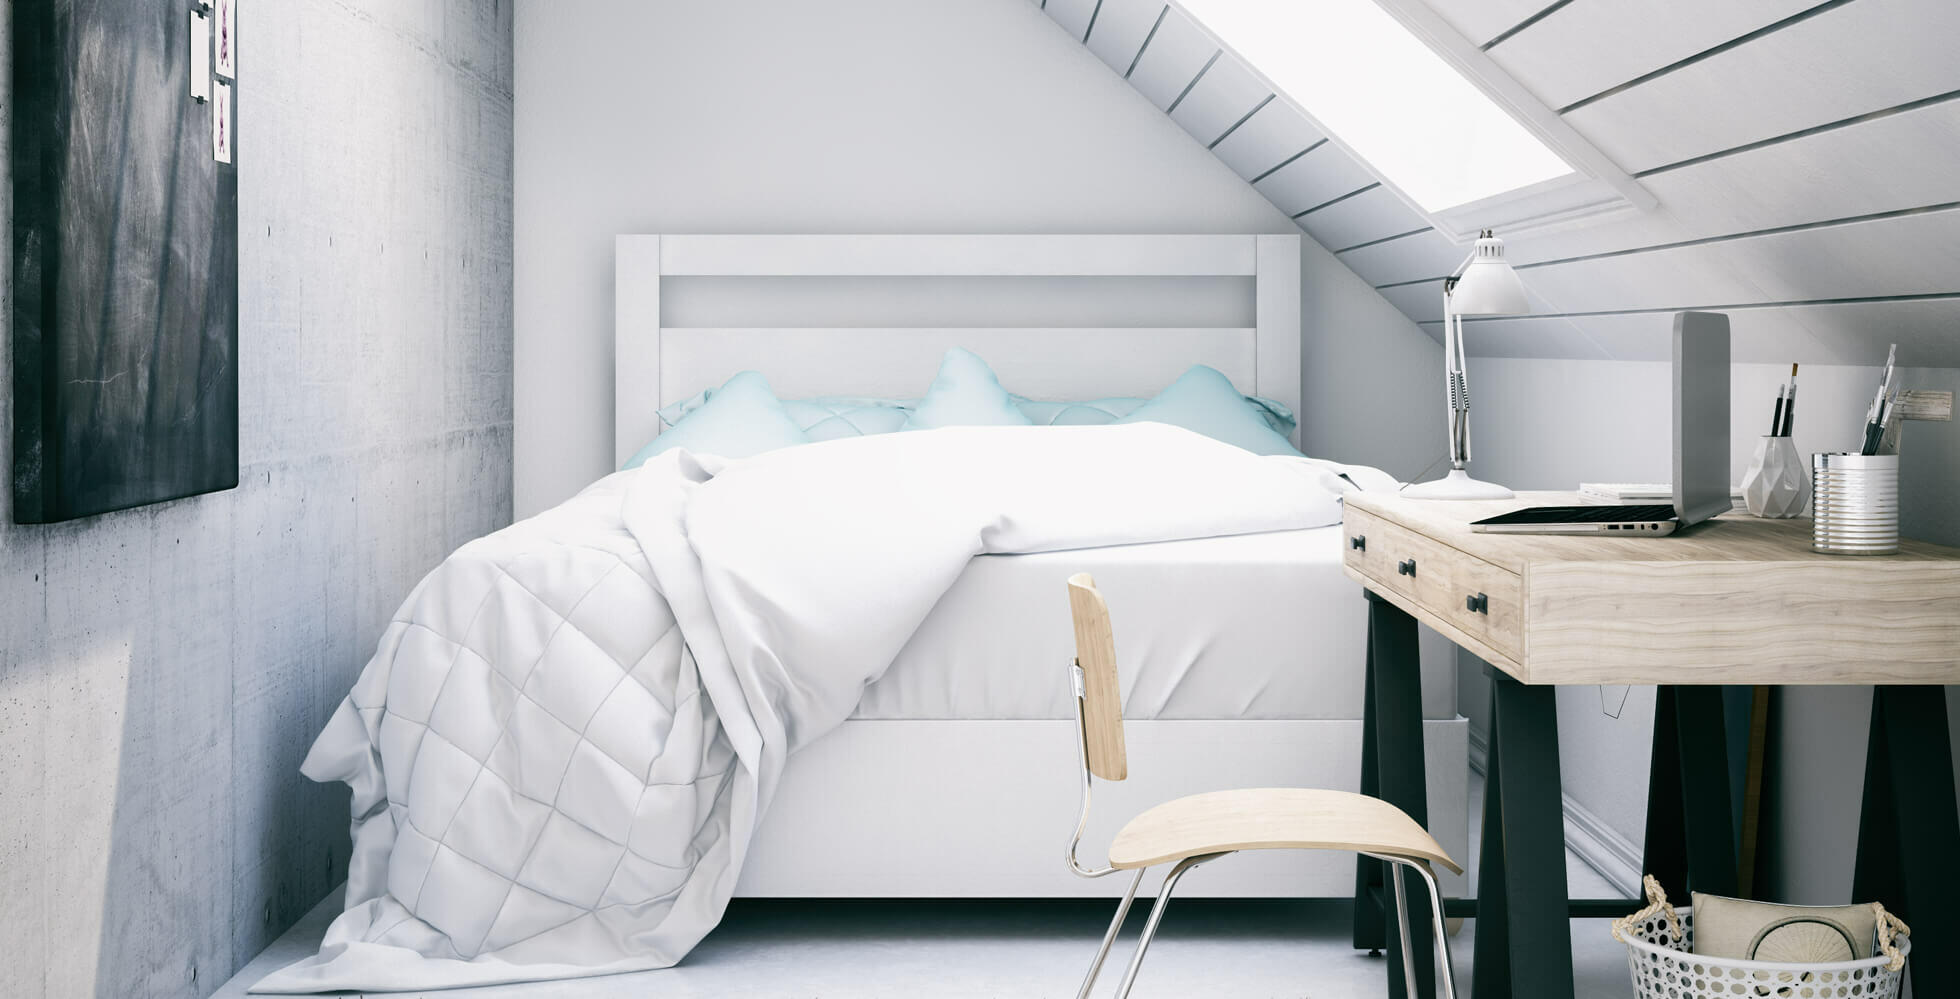 dormitorio pequeño bajo techo con ventana velux